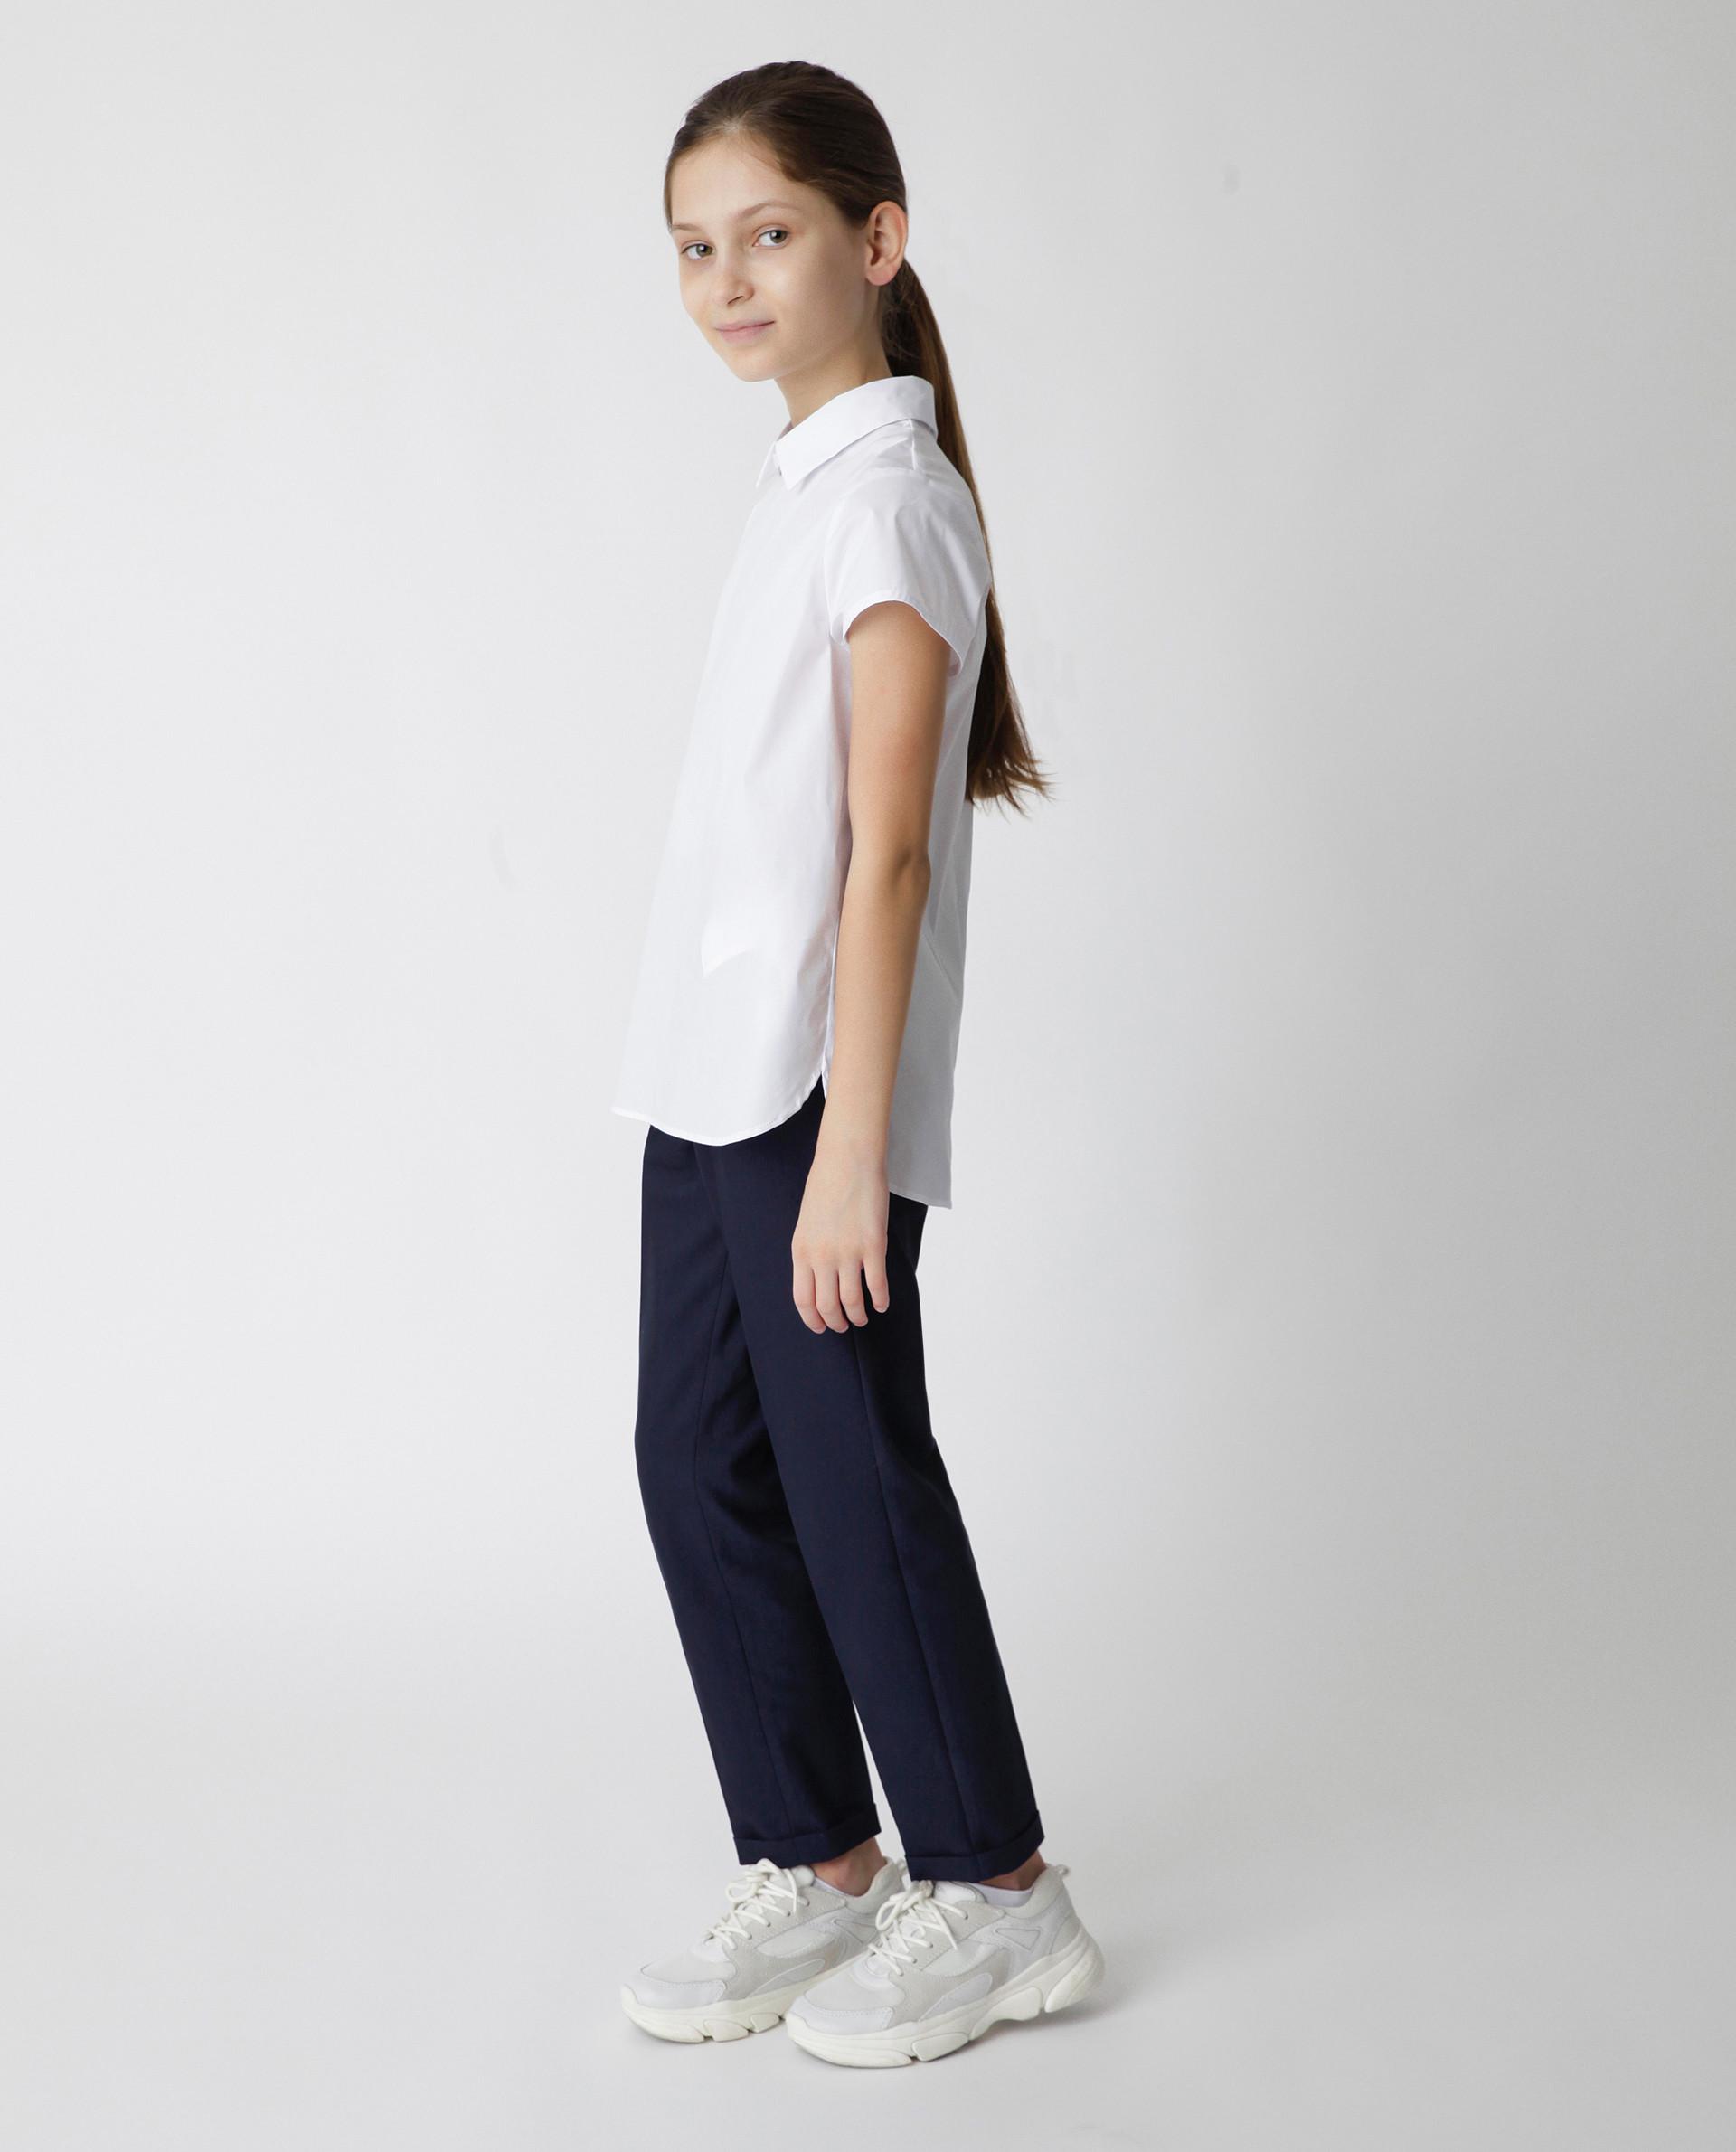 Белая блузка с коротким рукавом Gulliver, модель